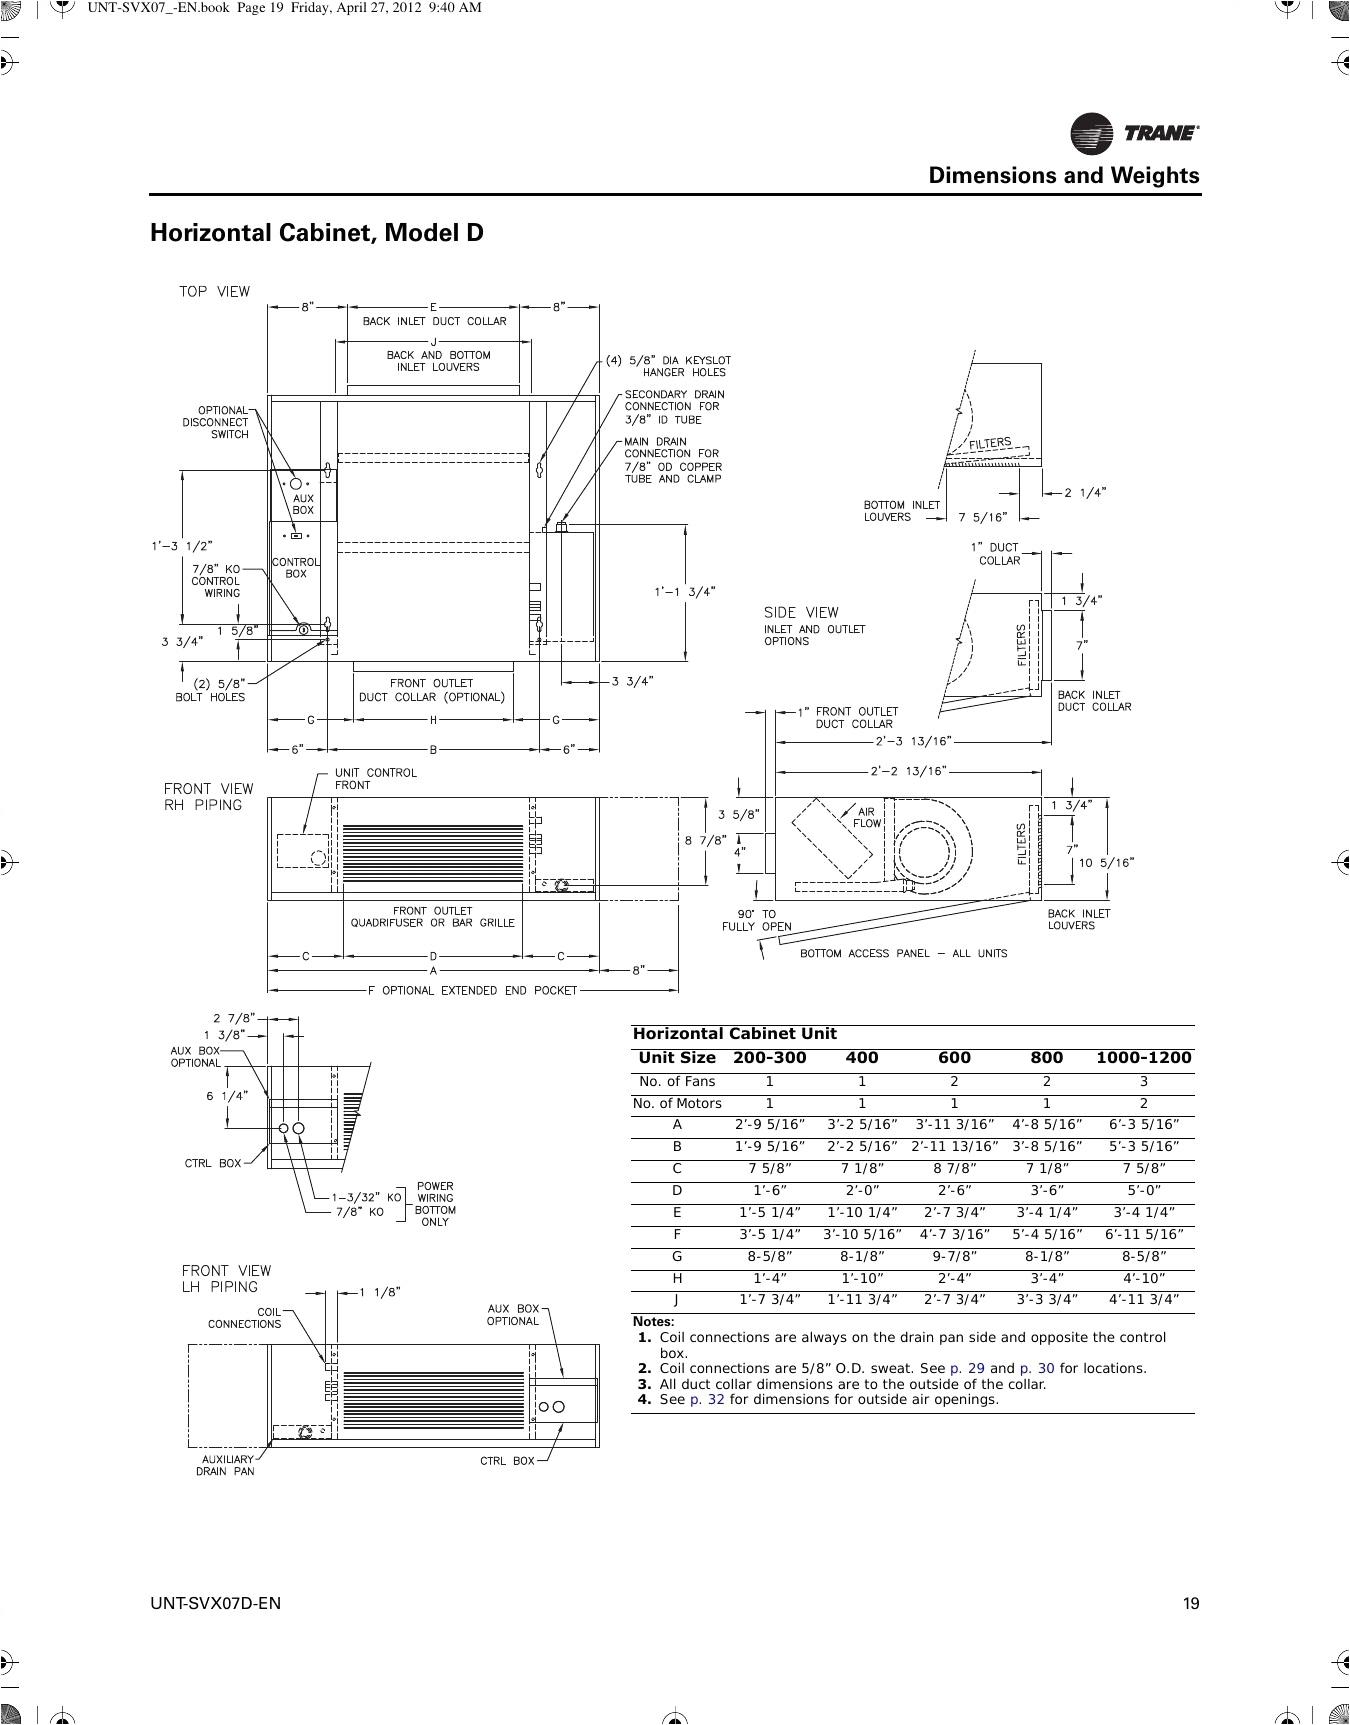 dayton motor wiring diagram fresh dayton electric motors wiring diagram download new lm386 wiring